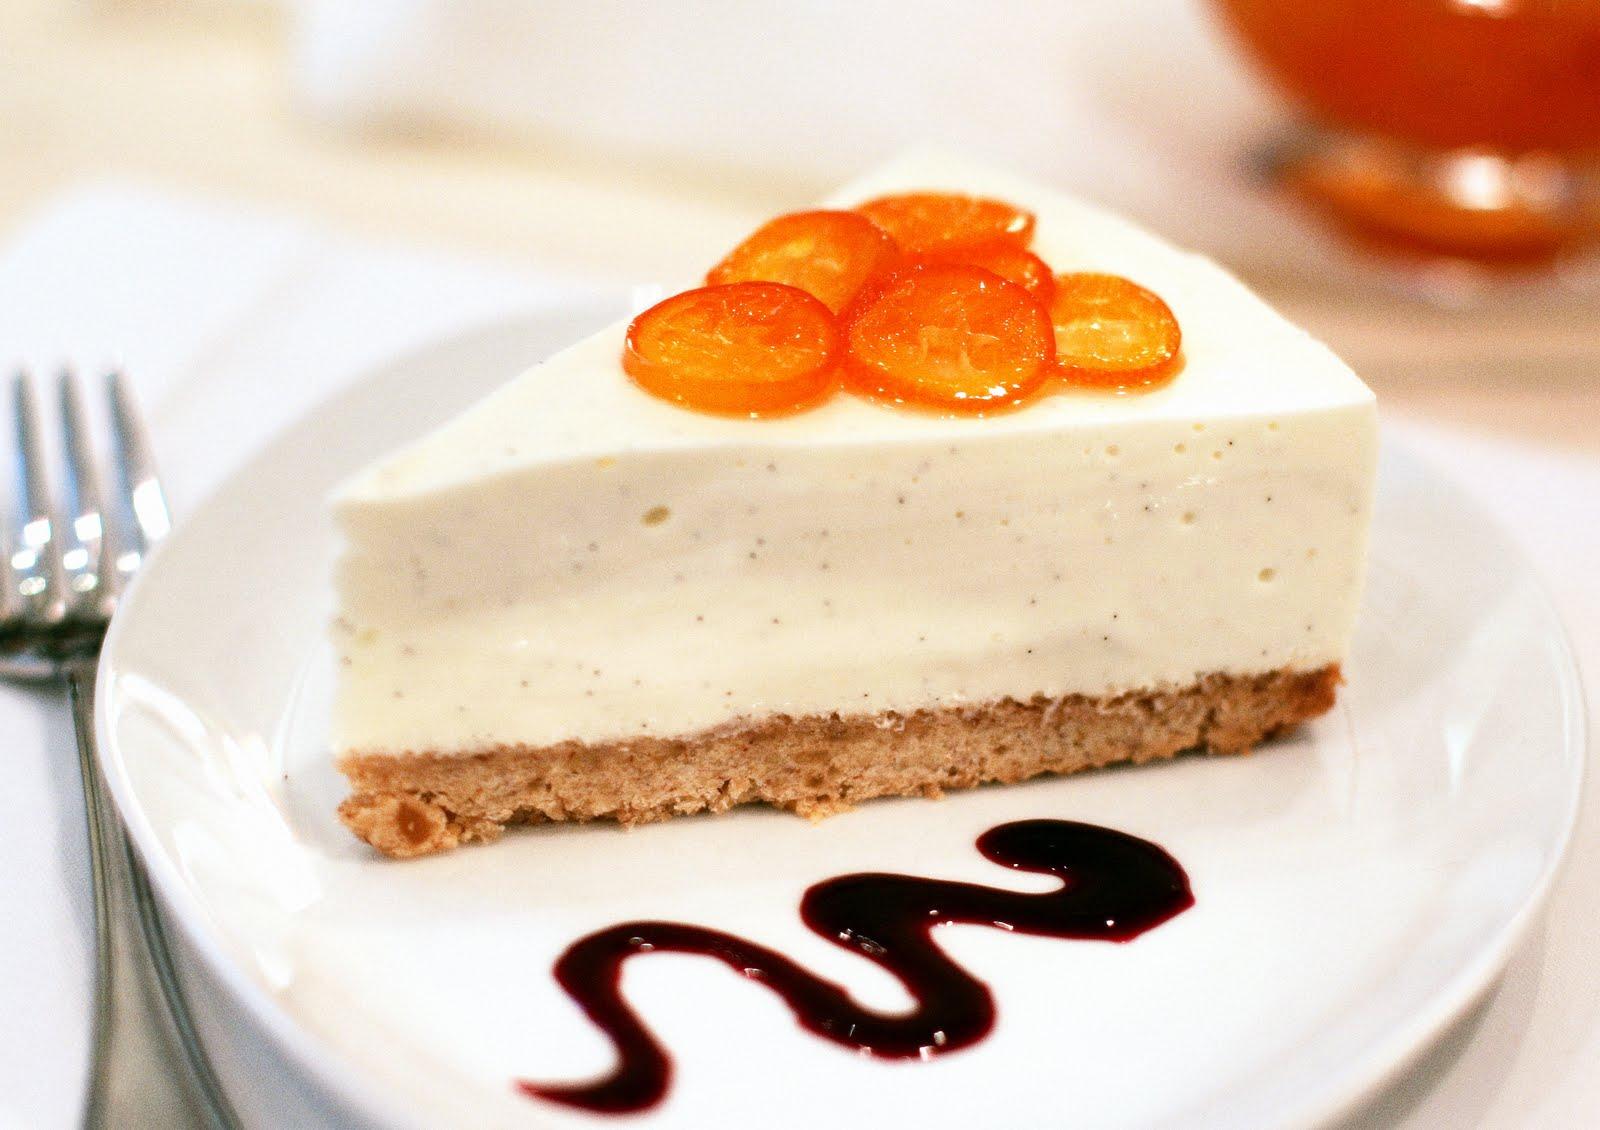 Vegan Cheese Cake Using Vegan Cream Cheese